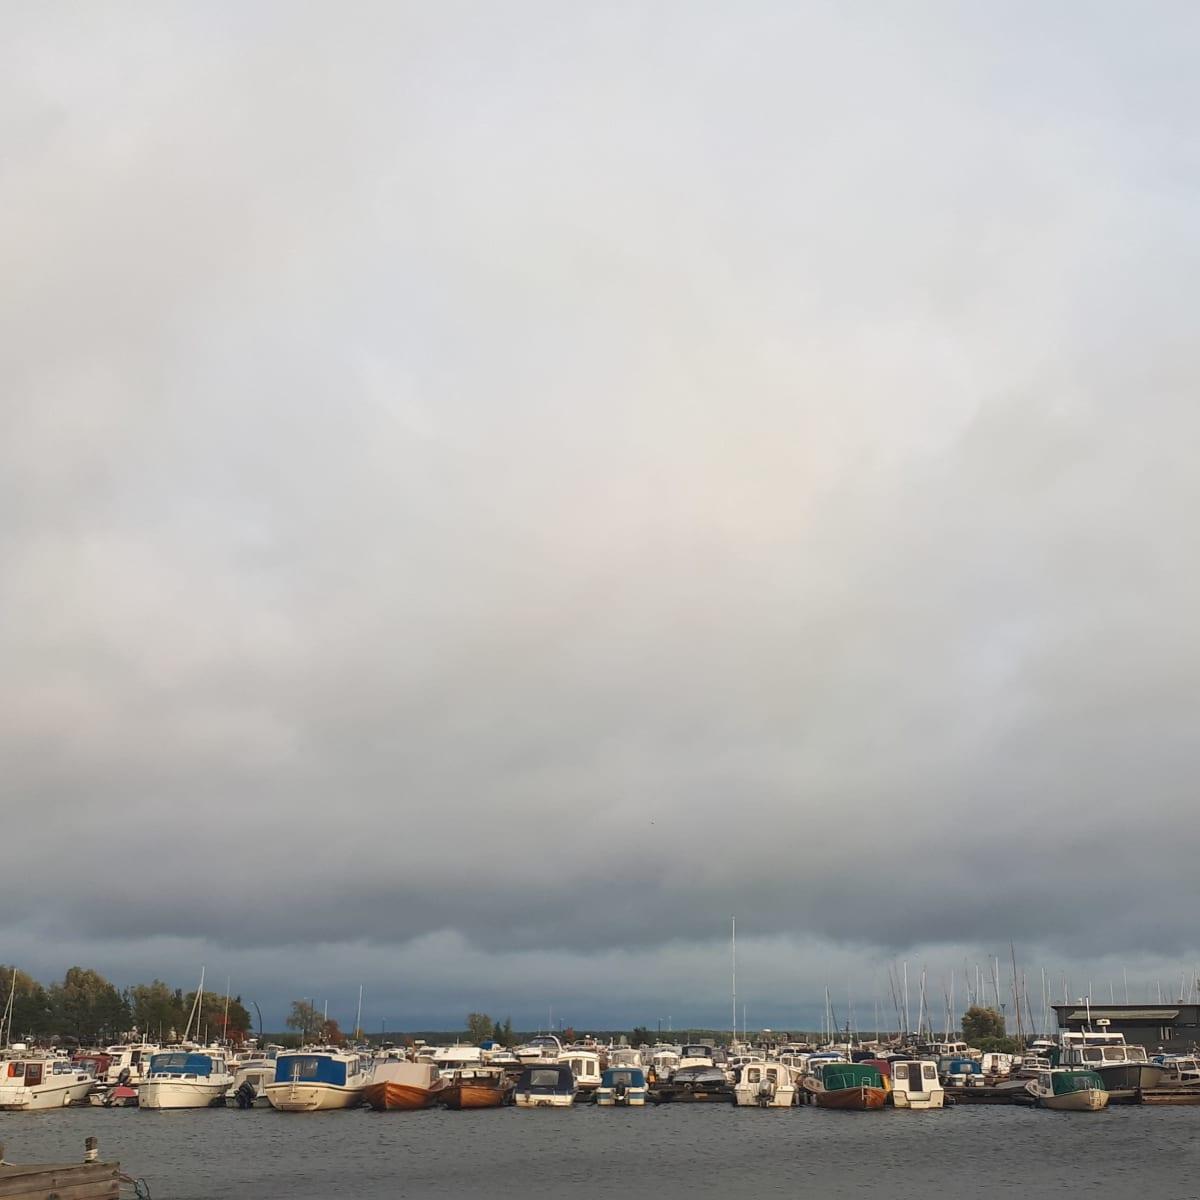 veneitä satamassa tumman taivaan alla